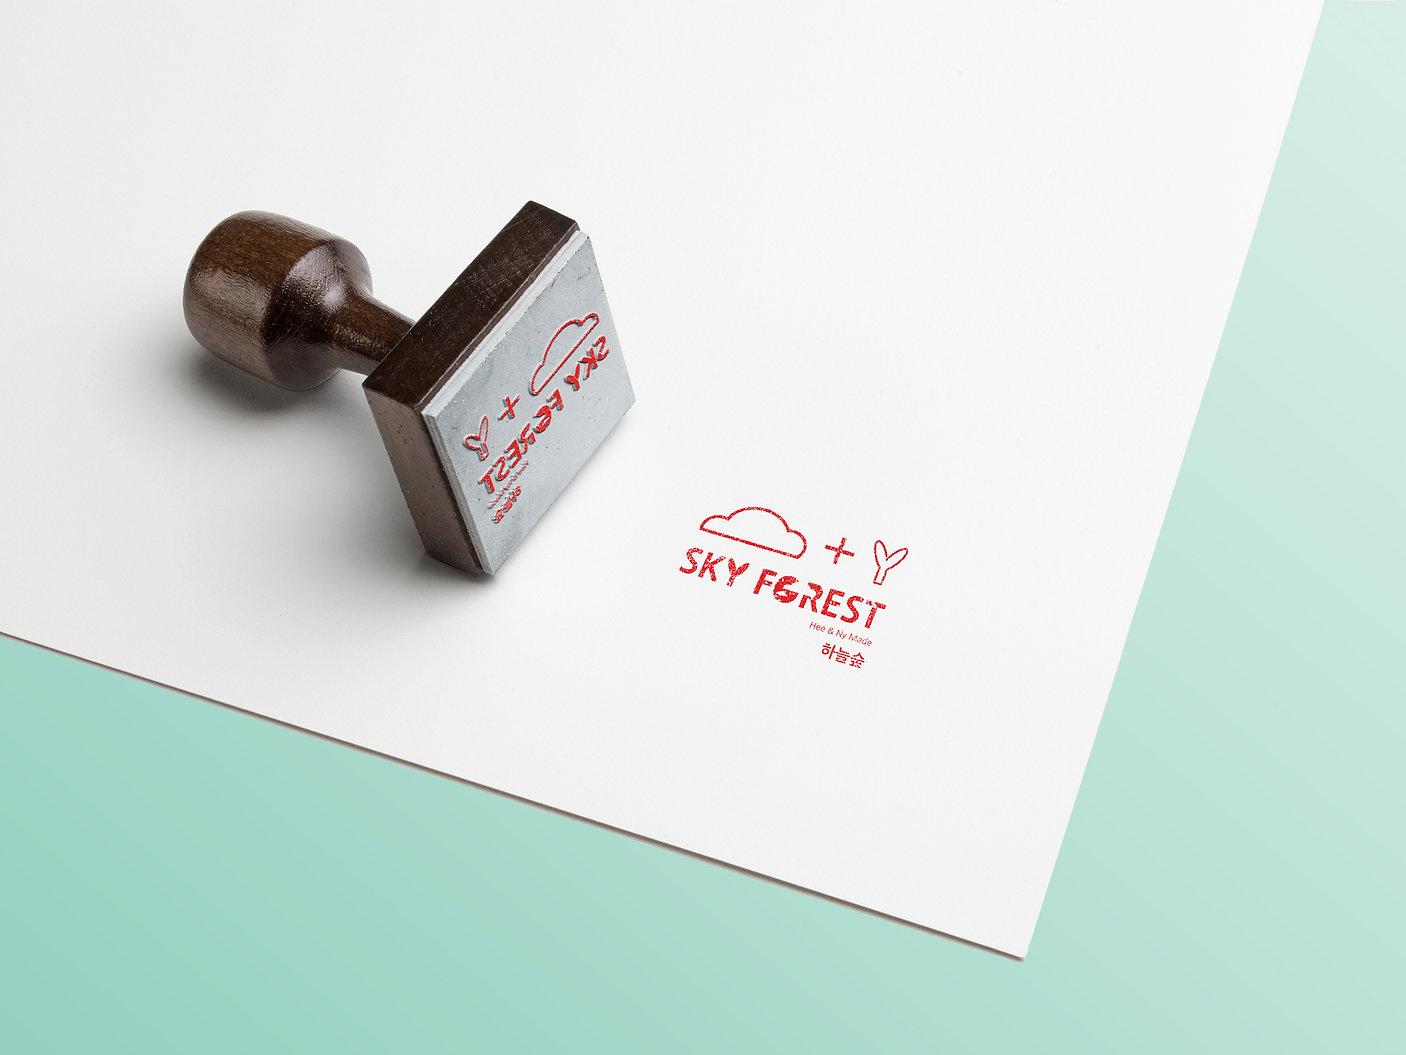 Sky Forest-Stamp Design